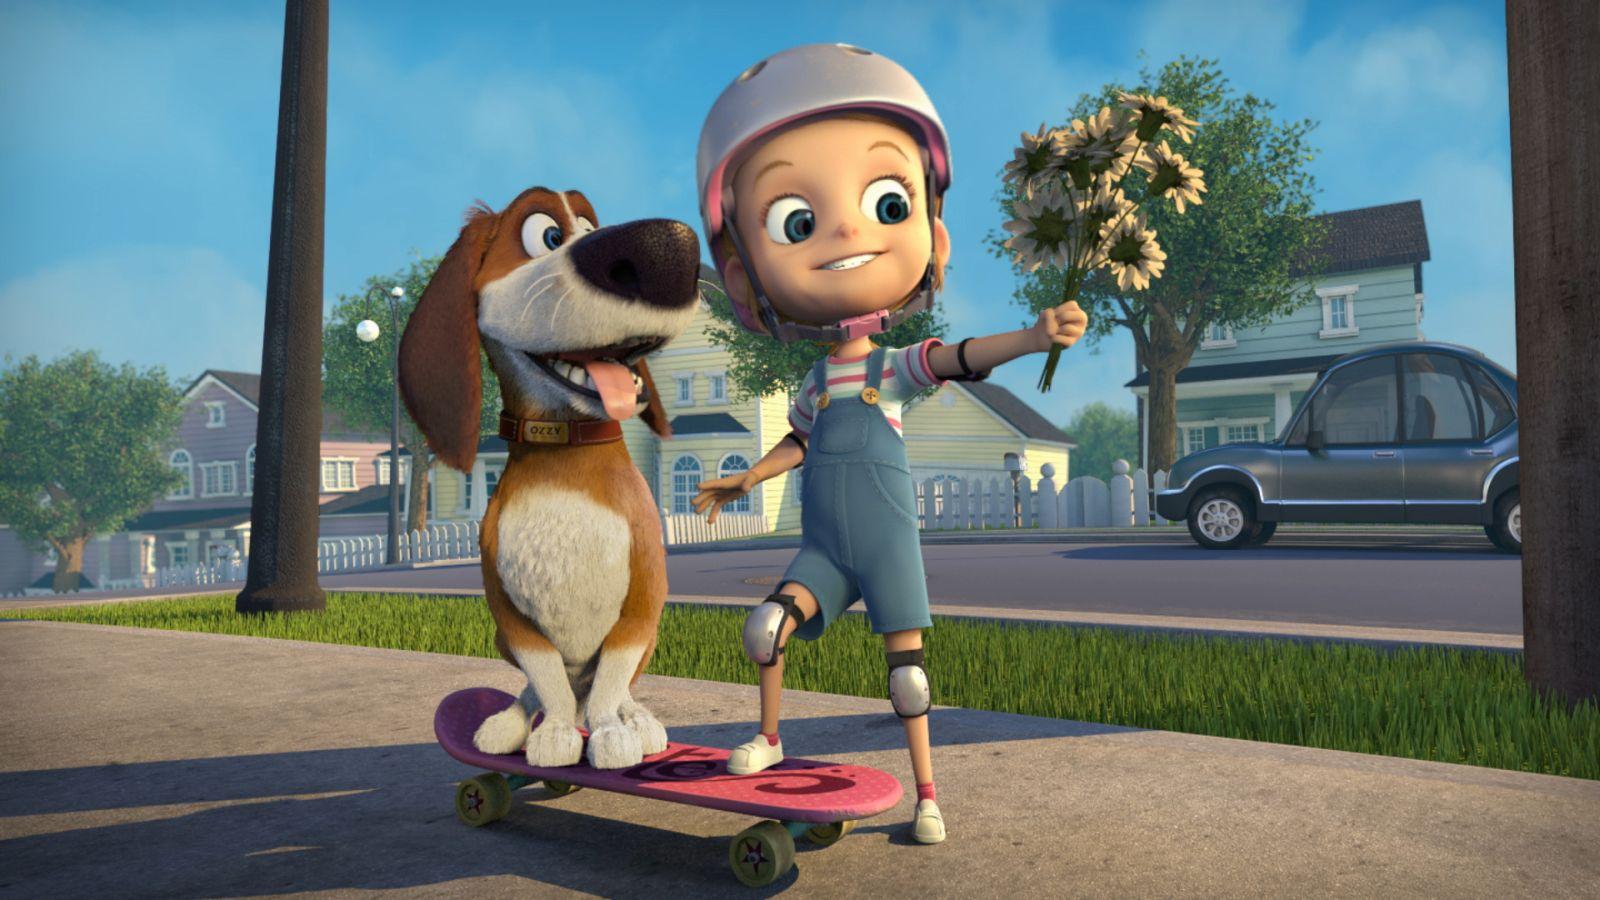 Ozzy - Cucciolo coraggioso: una scena del film d'animazione